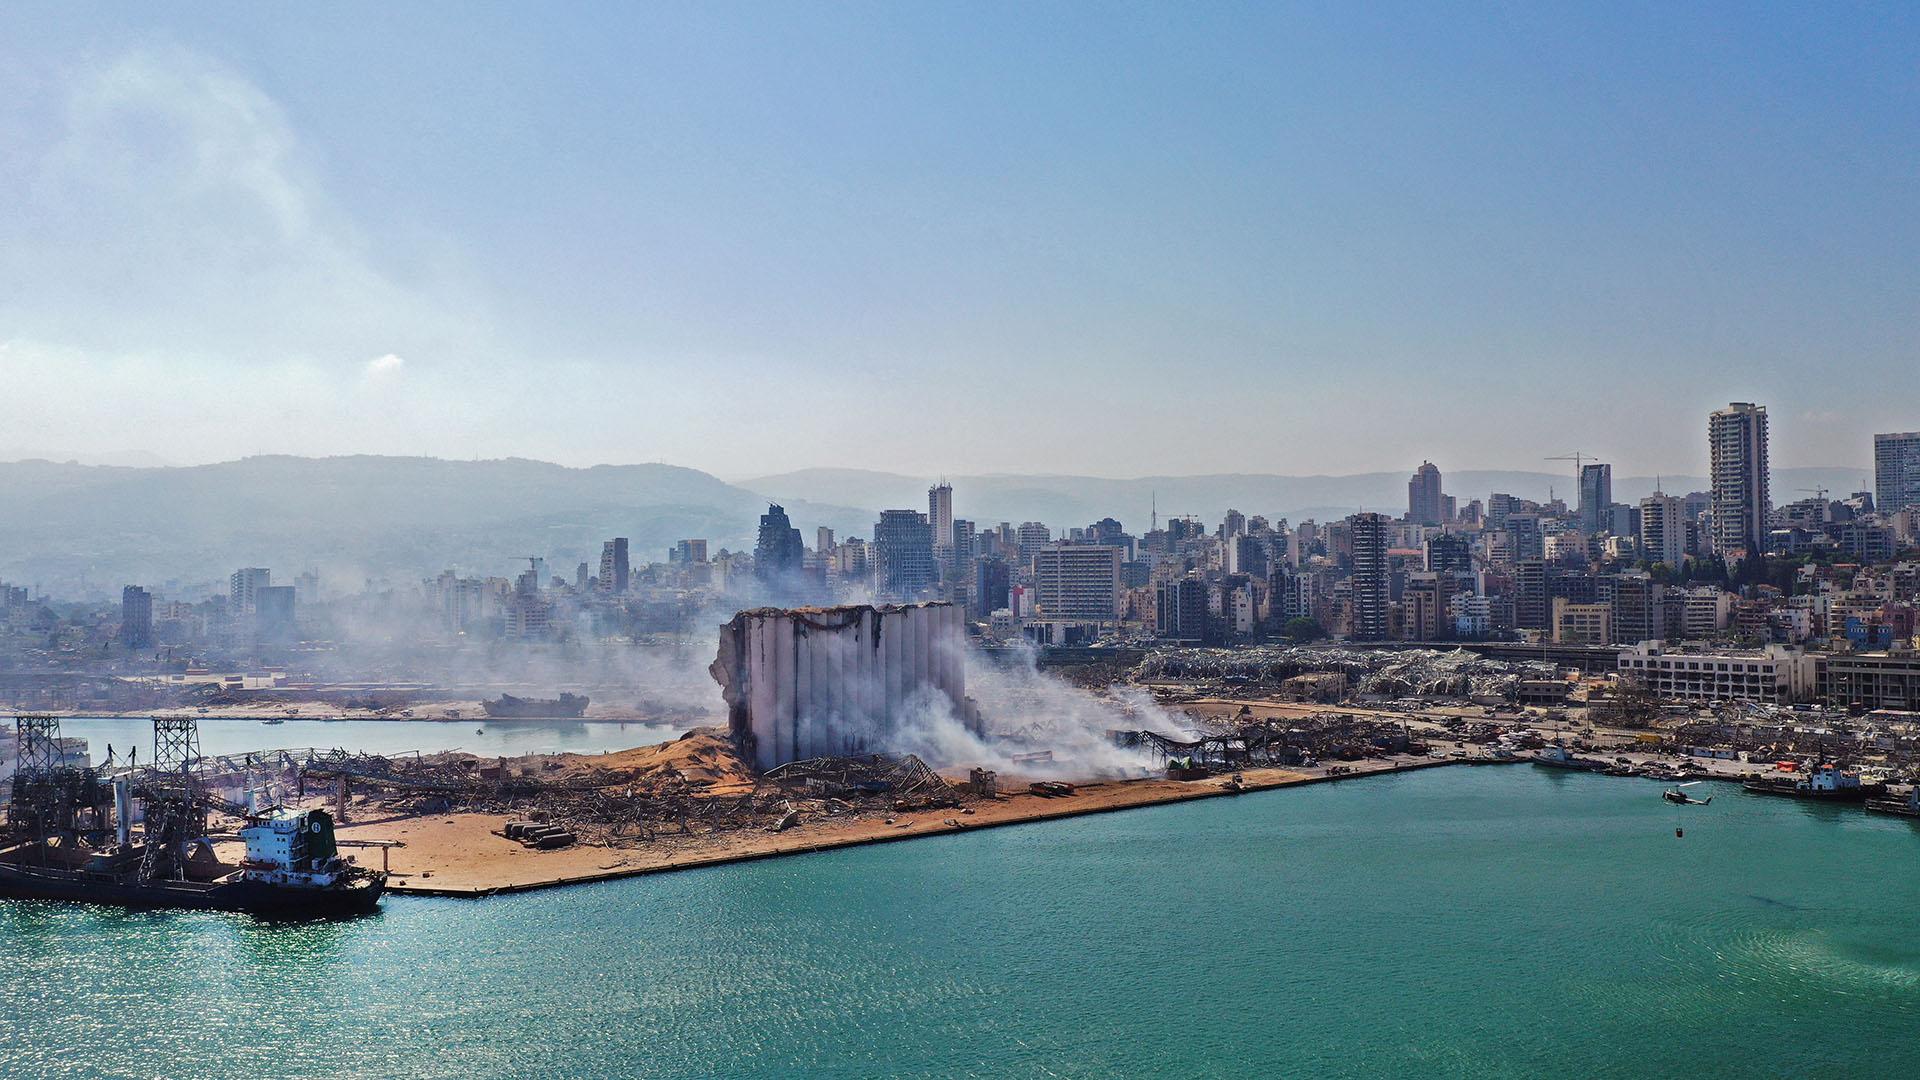 Una vista aérea muestra el daño masivo hecho a los silos de granos del puerto de Beirut y el área de influencia. Los equipos de rescate continúan buscando entre los escombros (Foto por Anwar AMRO / AFP)